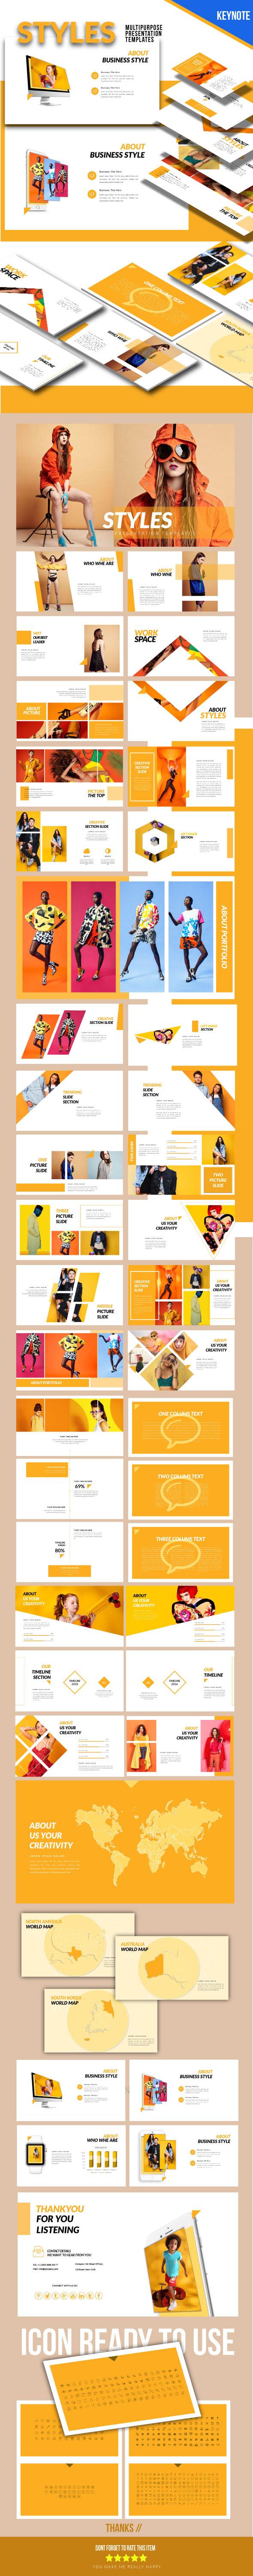 Styles - Keynote Presentation Templates - Keynote Templates Presentation Templates